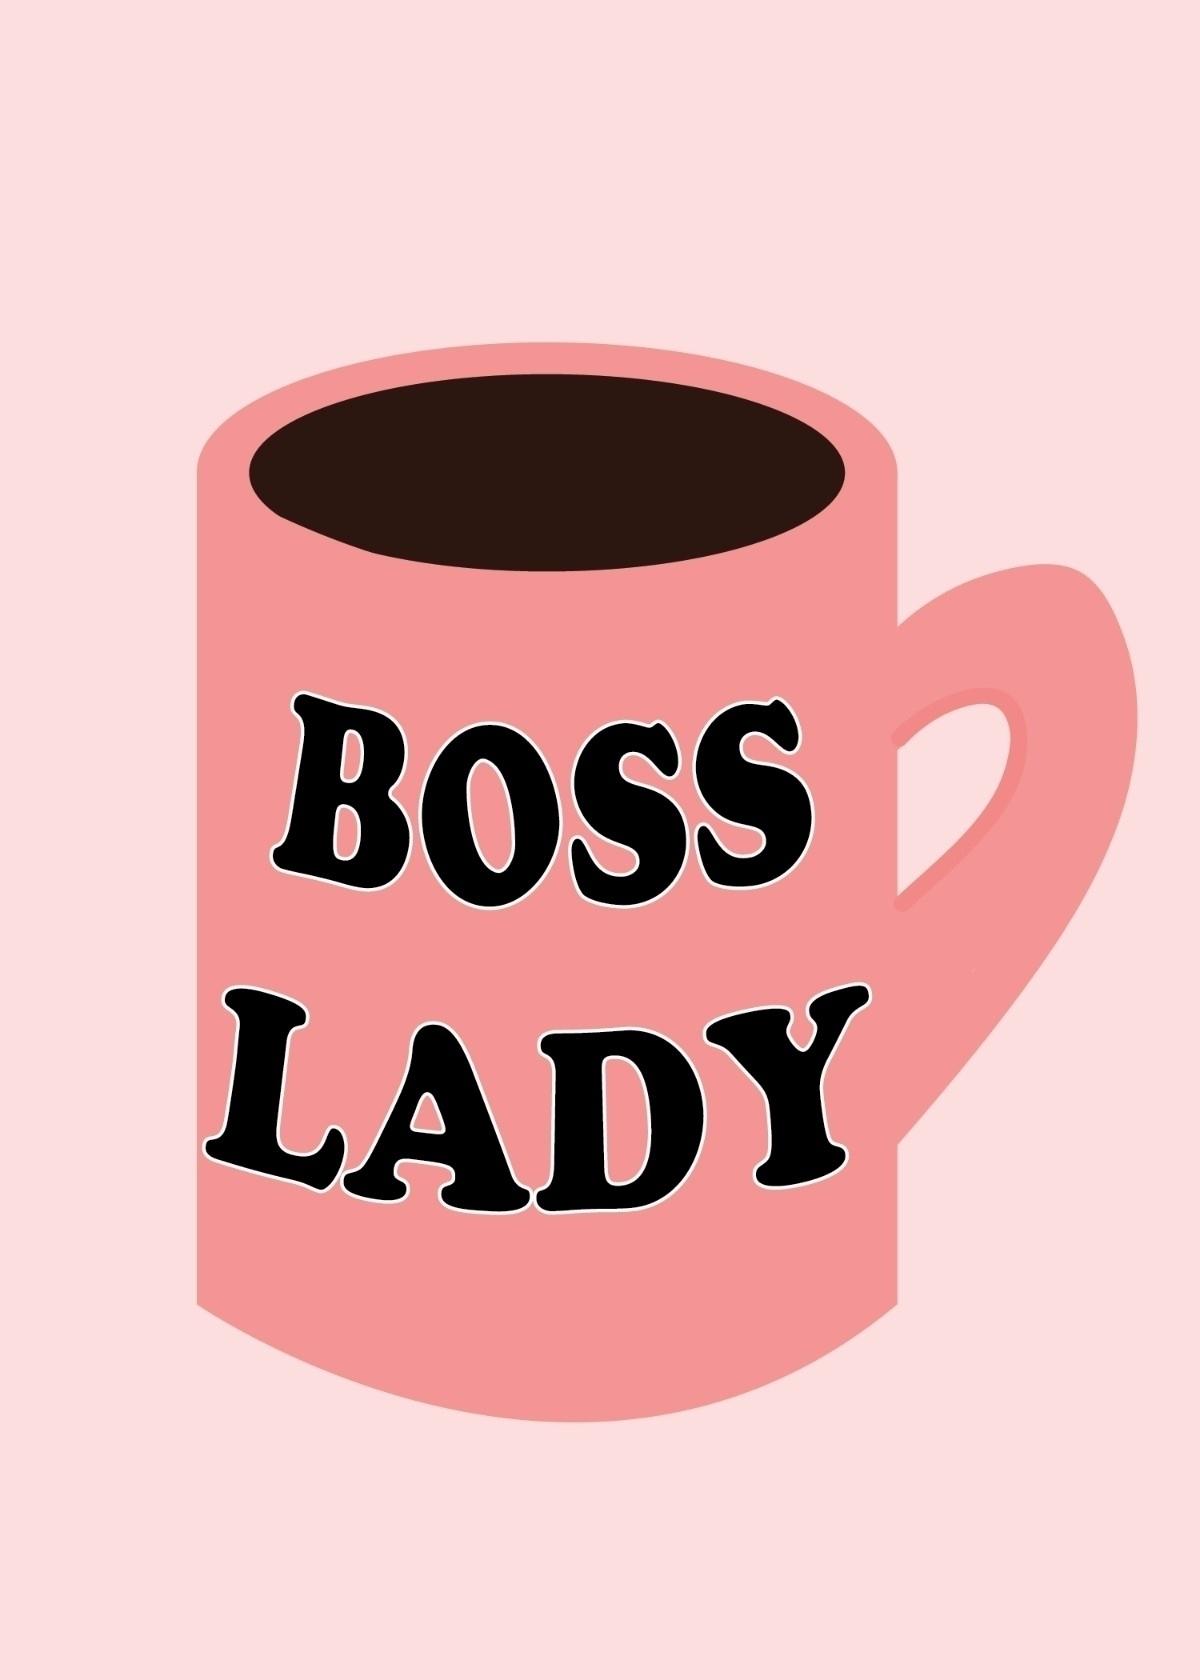 BOSS LADY turn mug?  - bosslady - efstathia_ | ello